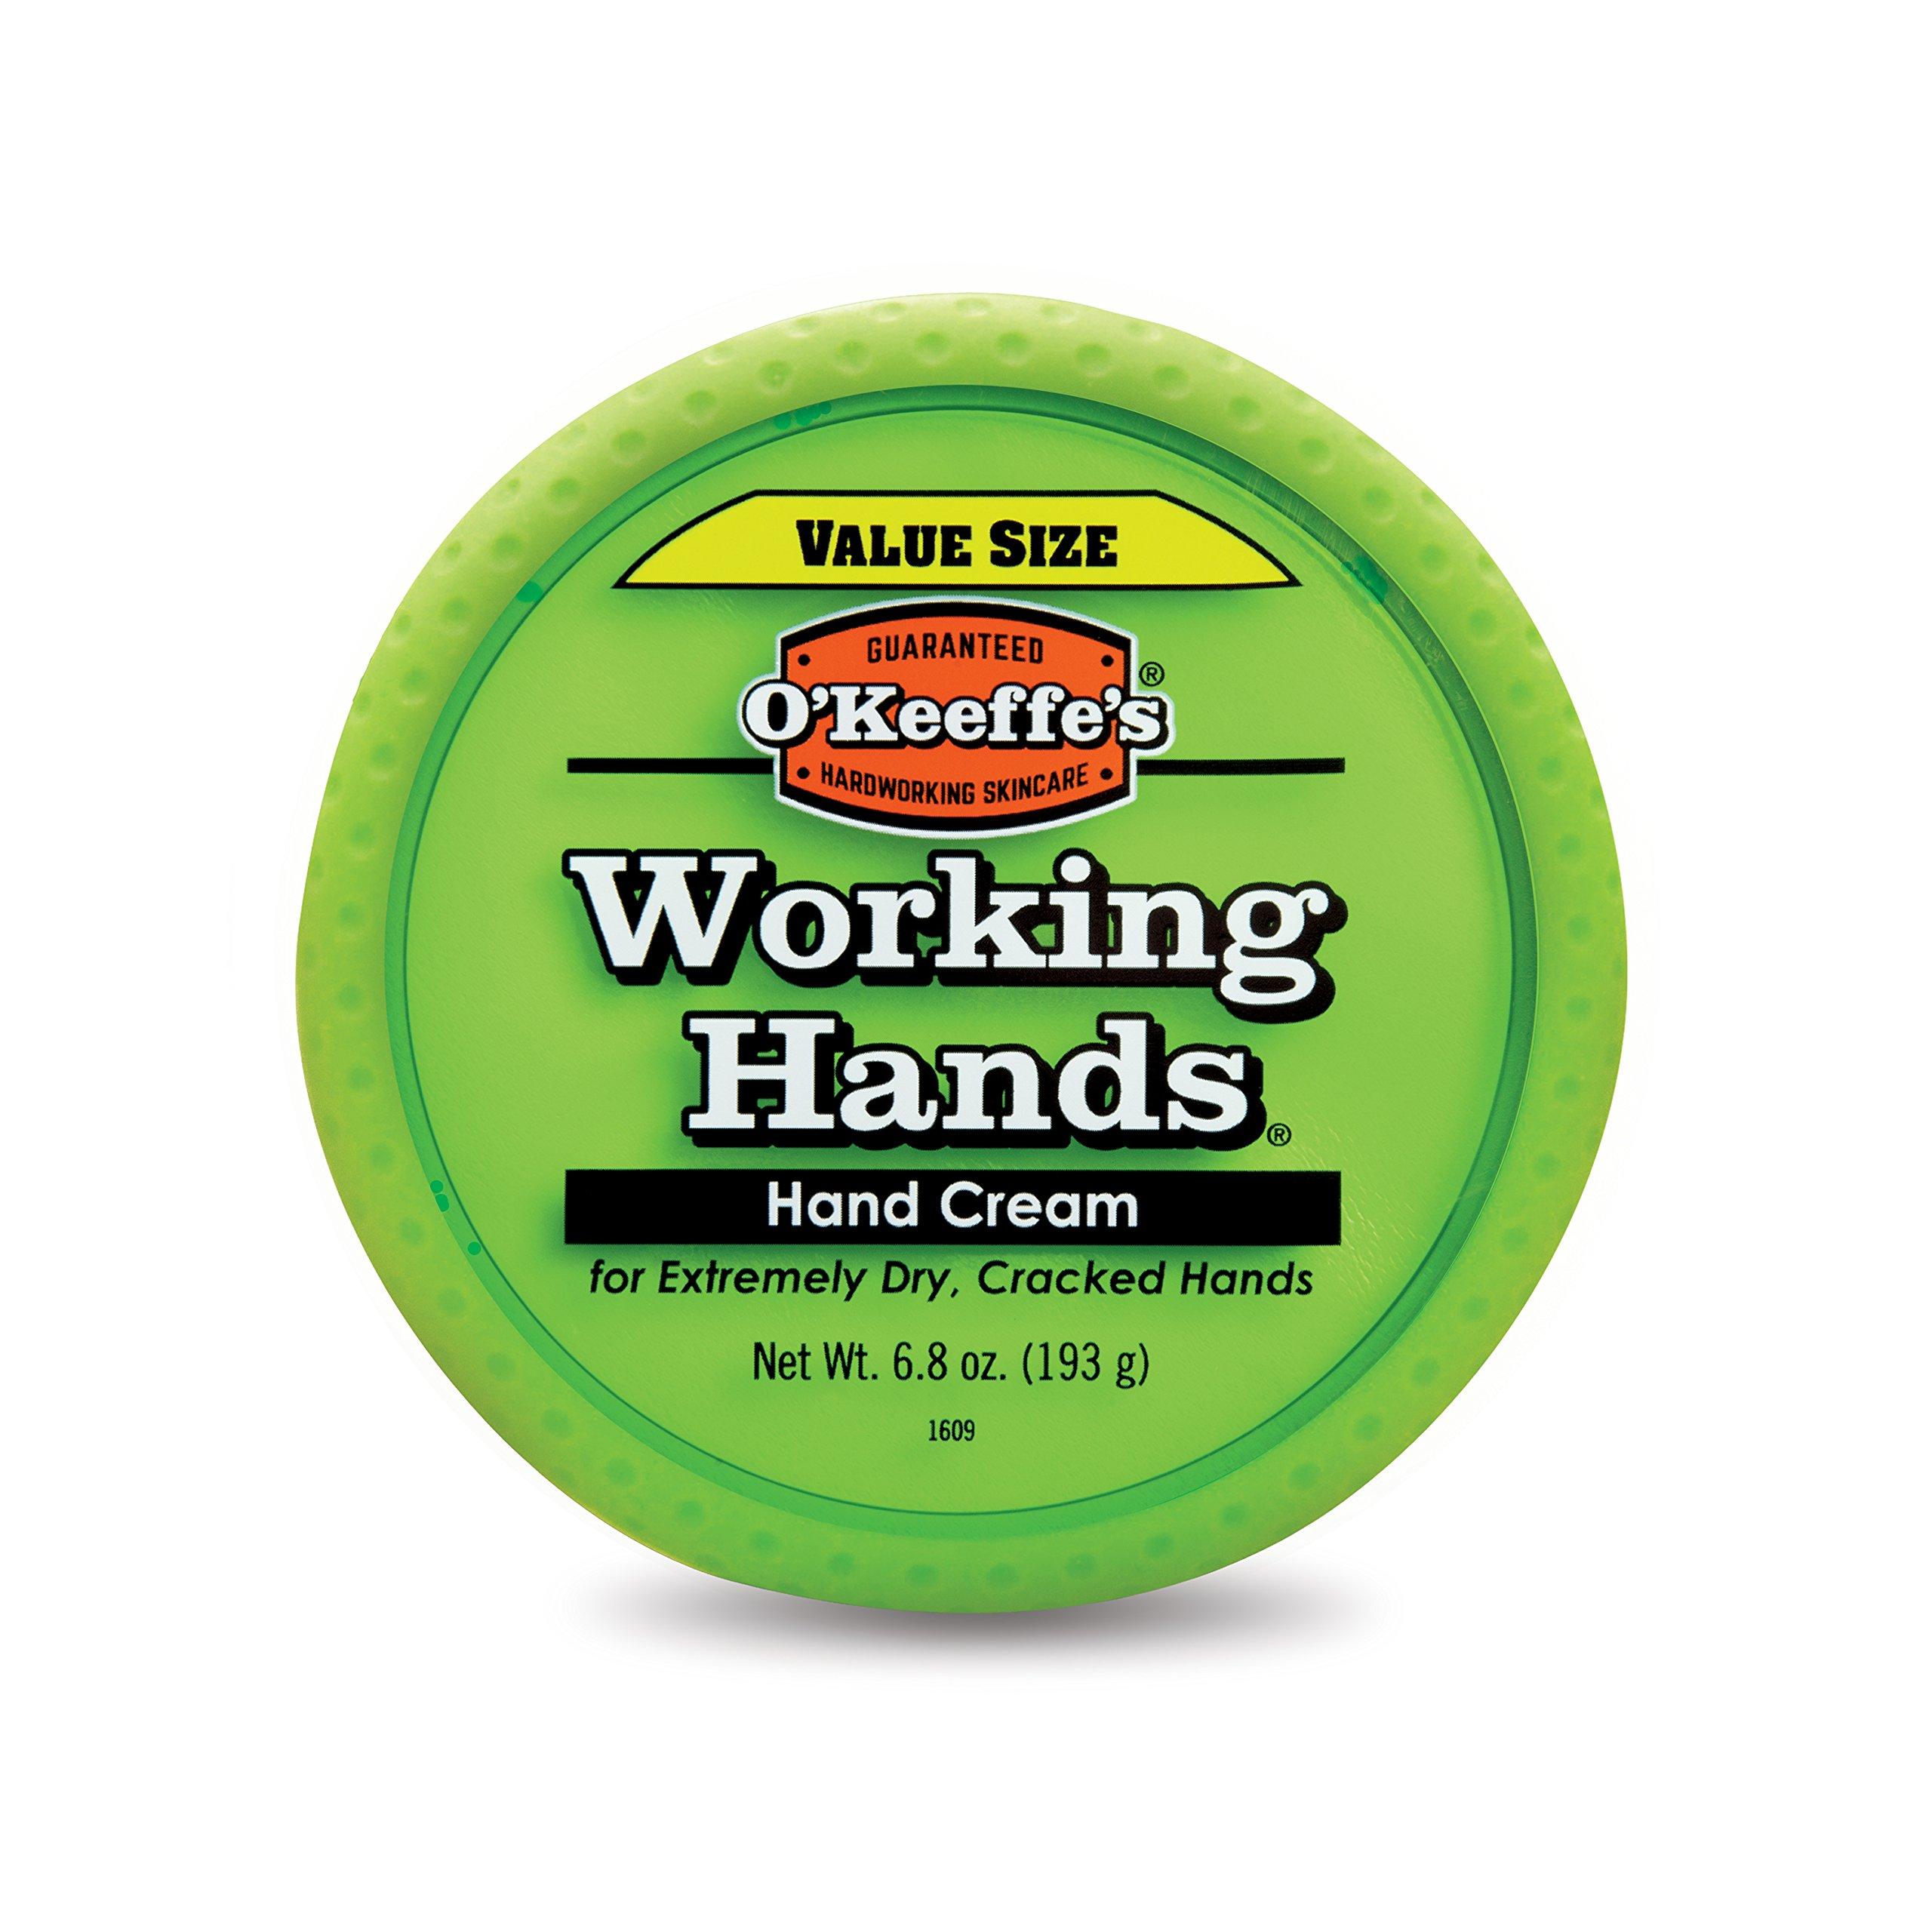 O ''Keeffe 's ® arbeiten Hände Wert Größe Jar 193g product image